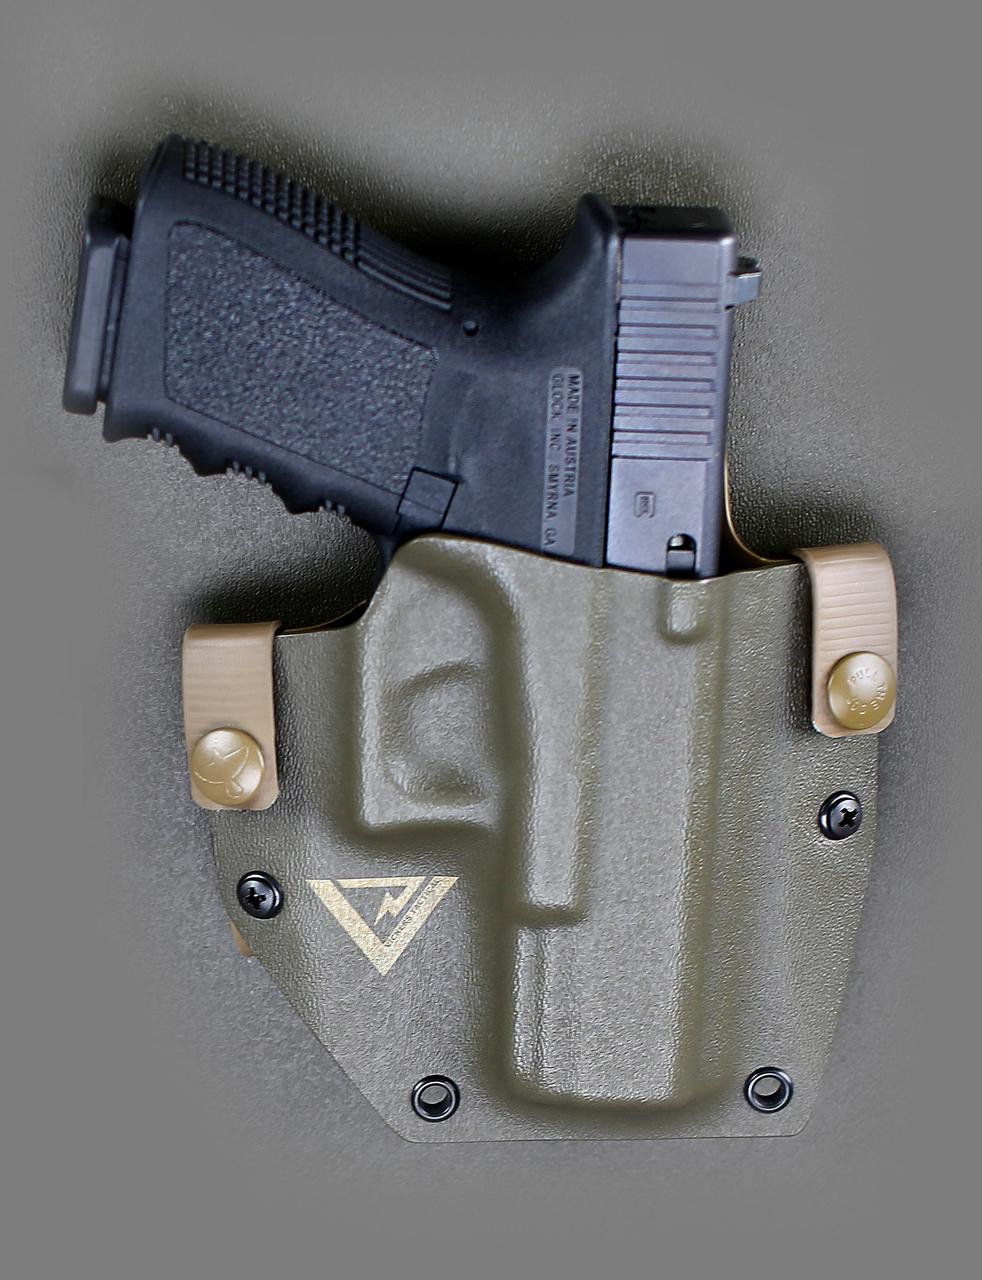 Vickers_Glock__60083.1446066799.1280.1280.jpg